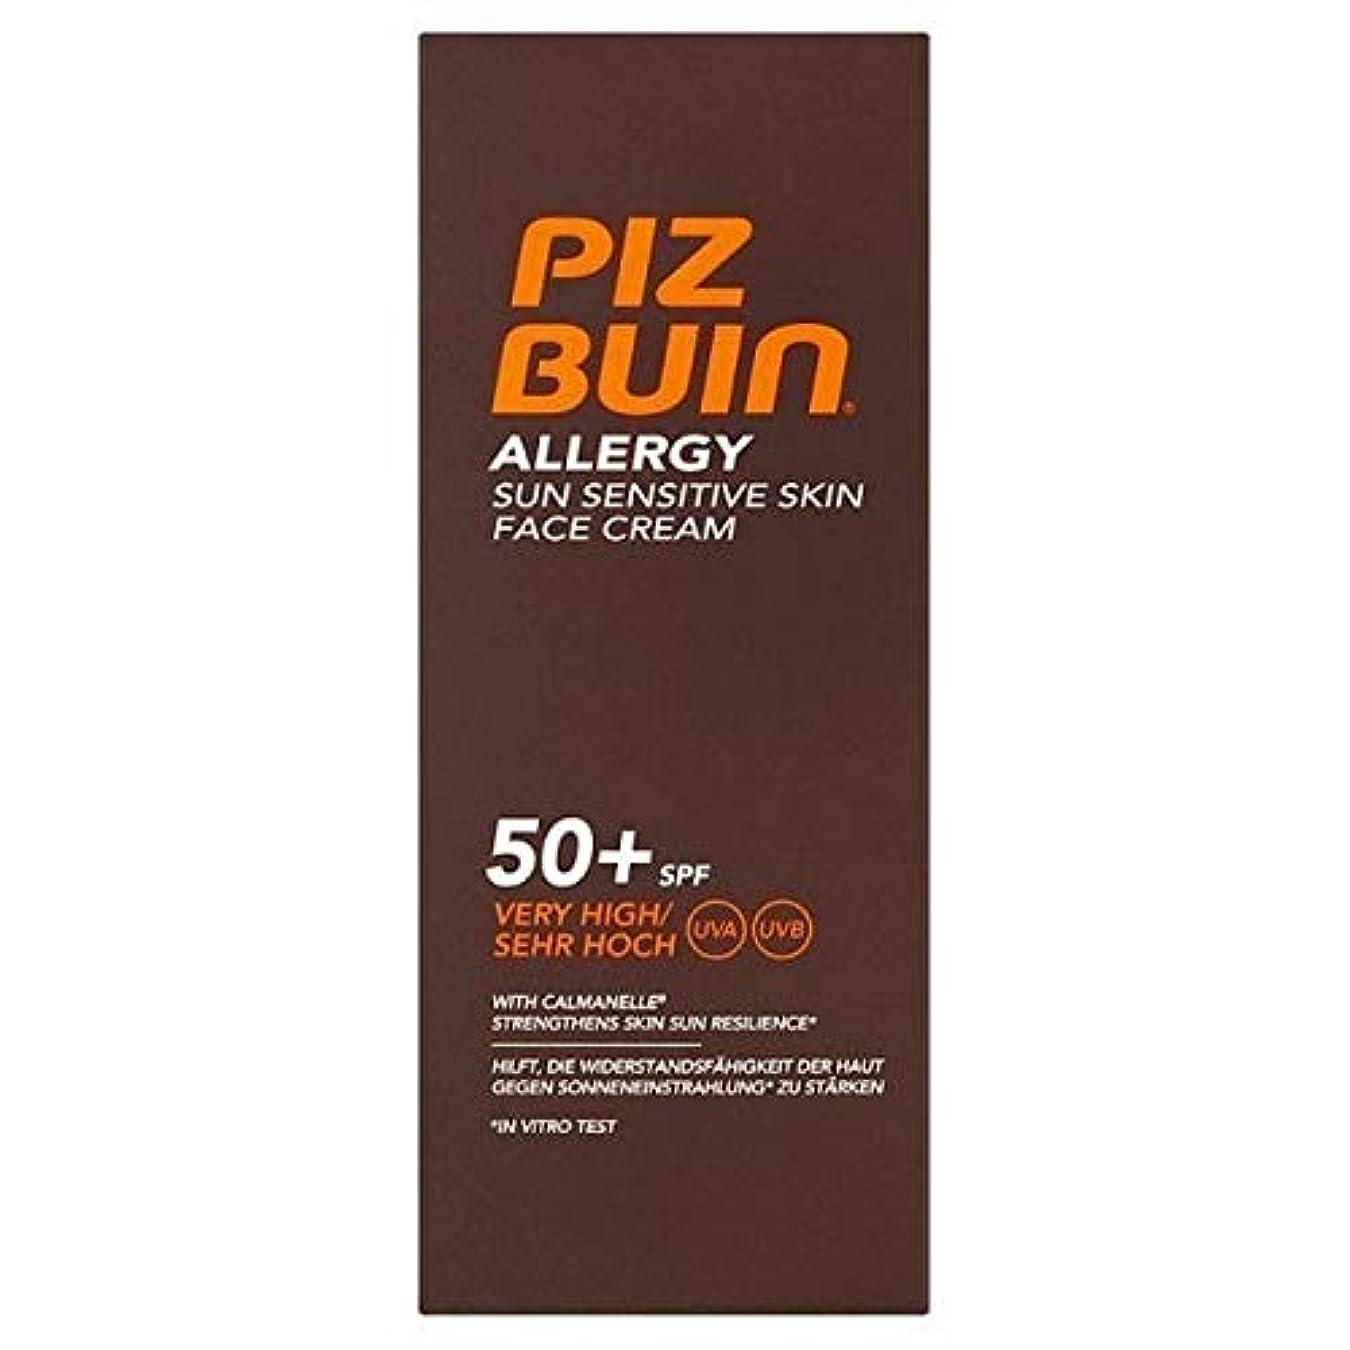 マラソン不規則性不快[Piz Buin] ピッツブーインアレルギーフェースクリームSpf 50+非常に高い40ミリリットル - Piz Buin Allergy Face Cream SPF 50+ Very High 40ml [並行輸入品]